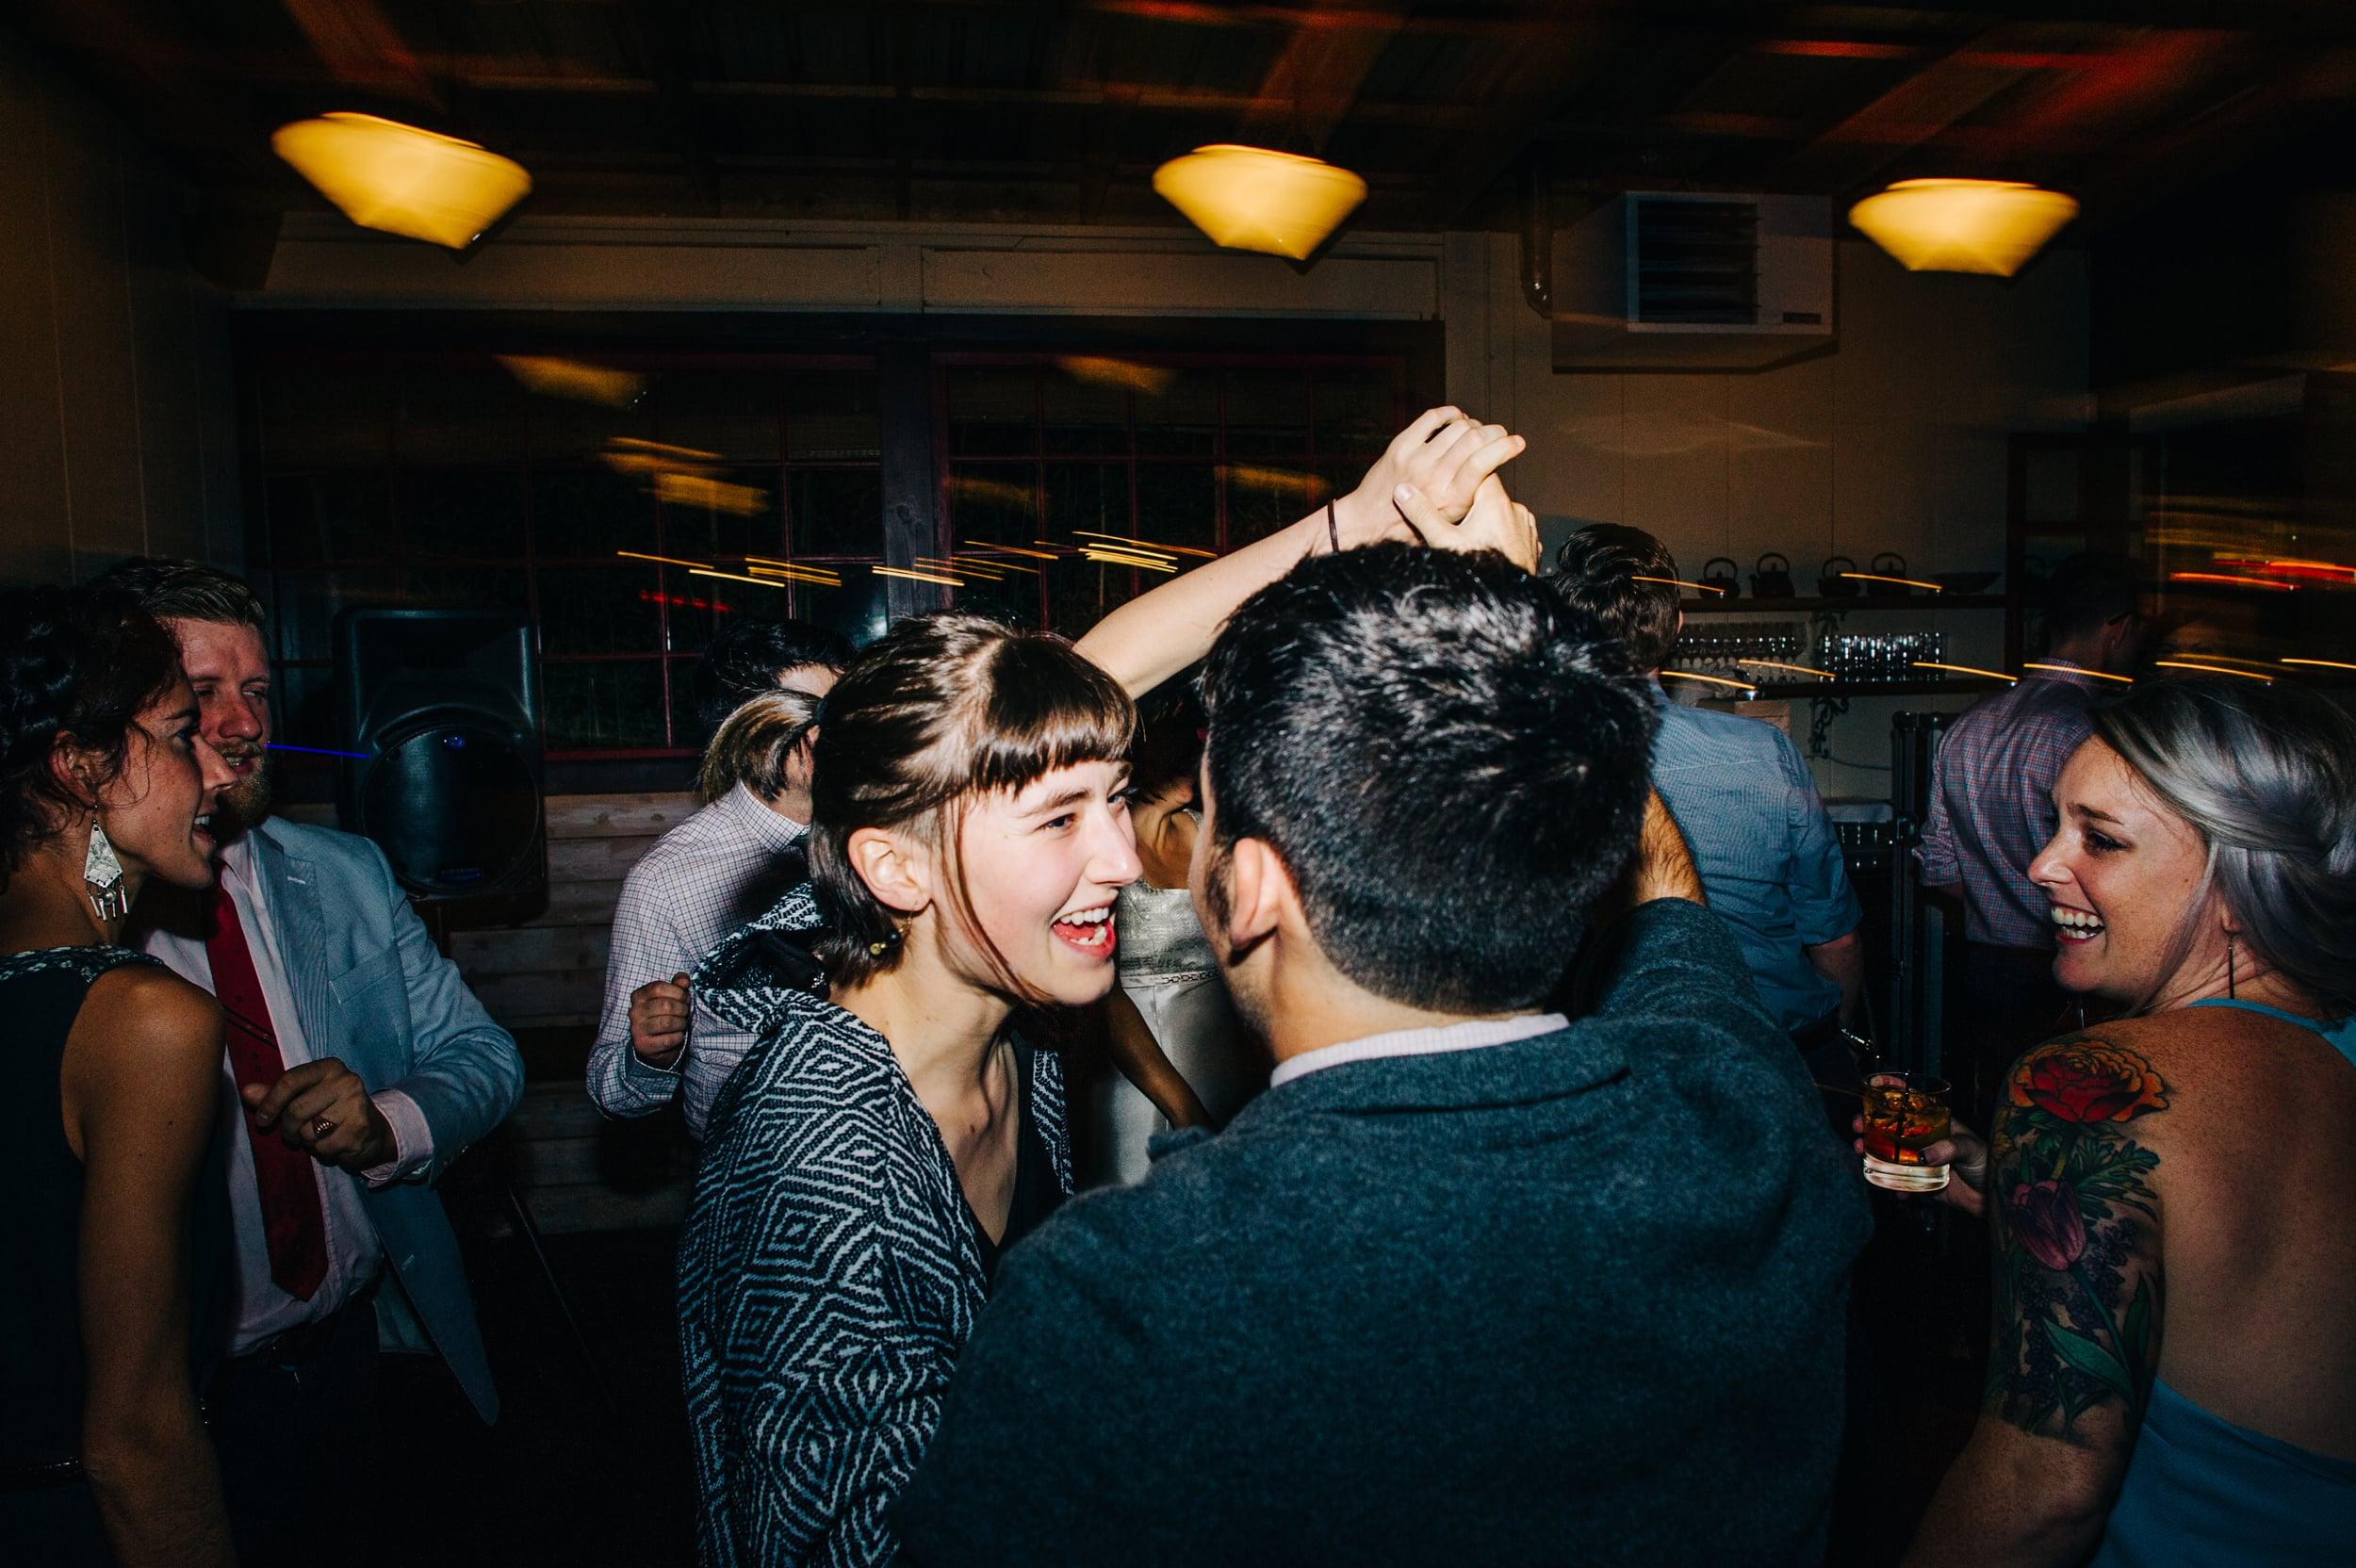 Dancing035.jpg